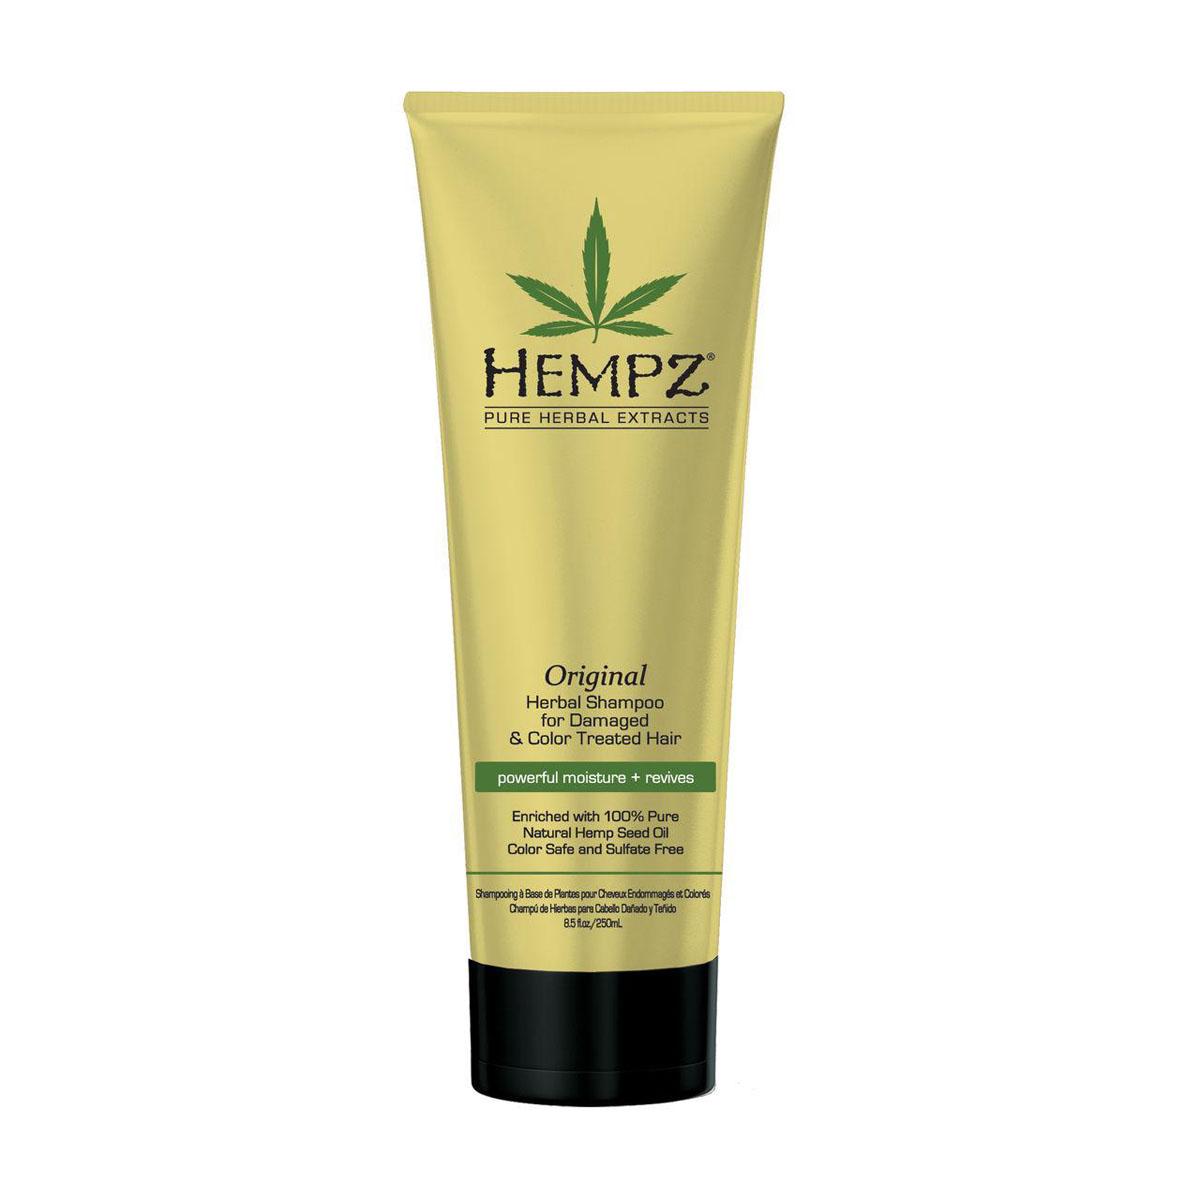 Hempz Шампунь растительный Оригинальный сильной степени увлажнения для поврежденных волос Original Herbal Shampoo 265 мл120-2411-03Растительный шампунь сильной степени увлажнения для сильно поврежденных и окрашенных волос. Густая пена шампуня мягко очищает волосы. Без сульфатов для максимального сохранения цвета окрашенных волос.